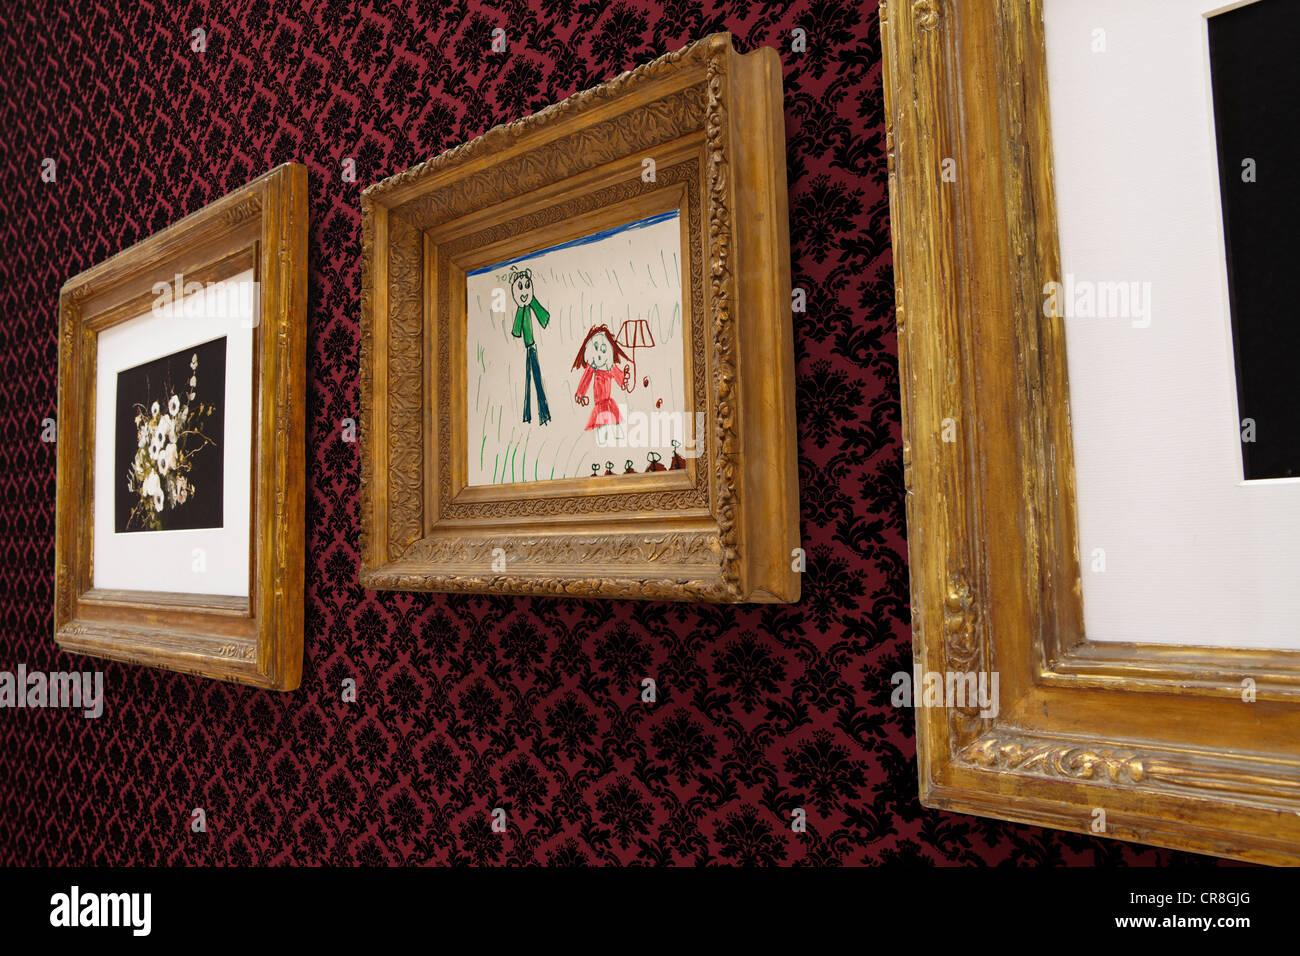 artworks stockfotos artworks bilder alamy. Black Bedroom Furniture Sets. Home Design Ideas